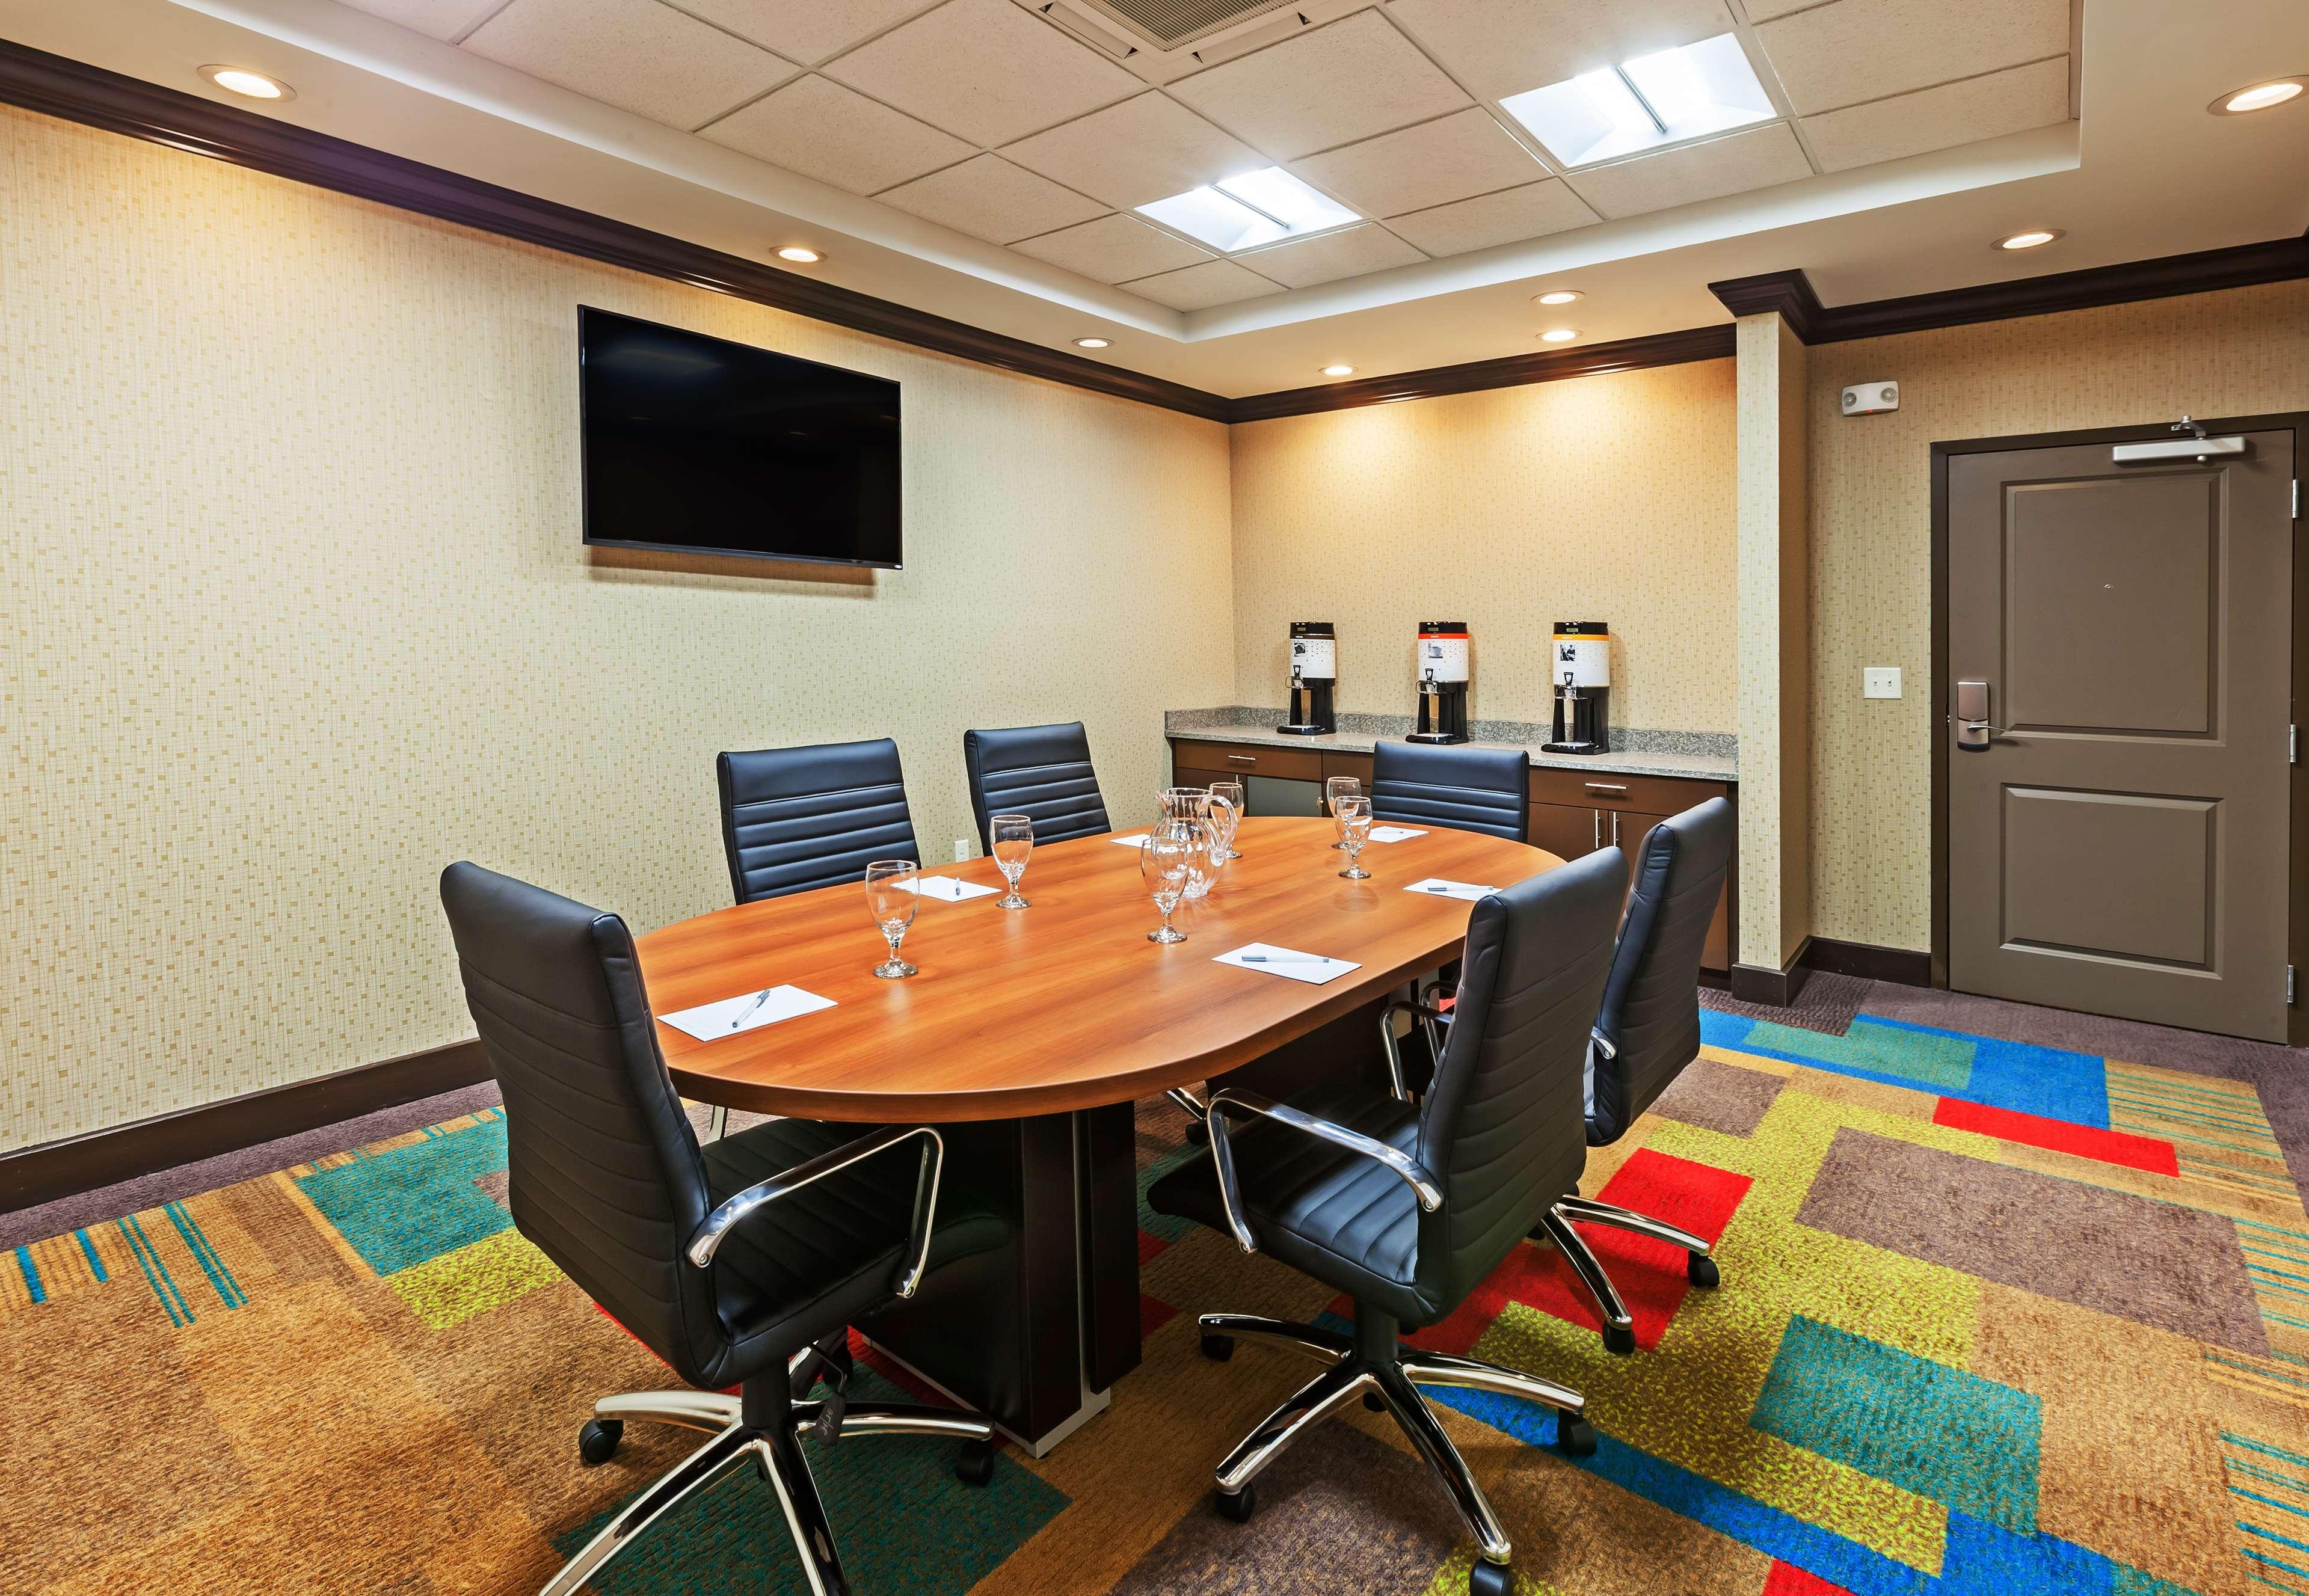 Hampton Inn & Suites Claremore image 37